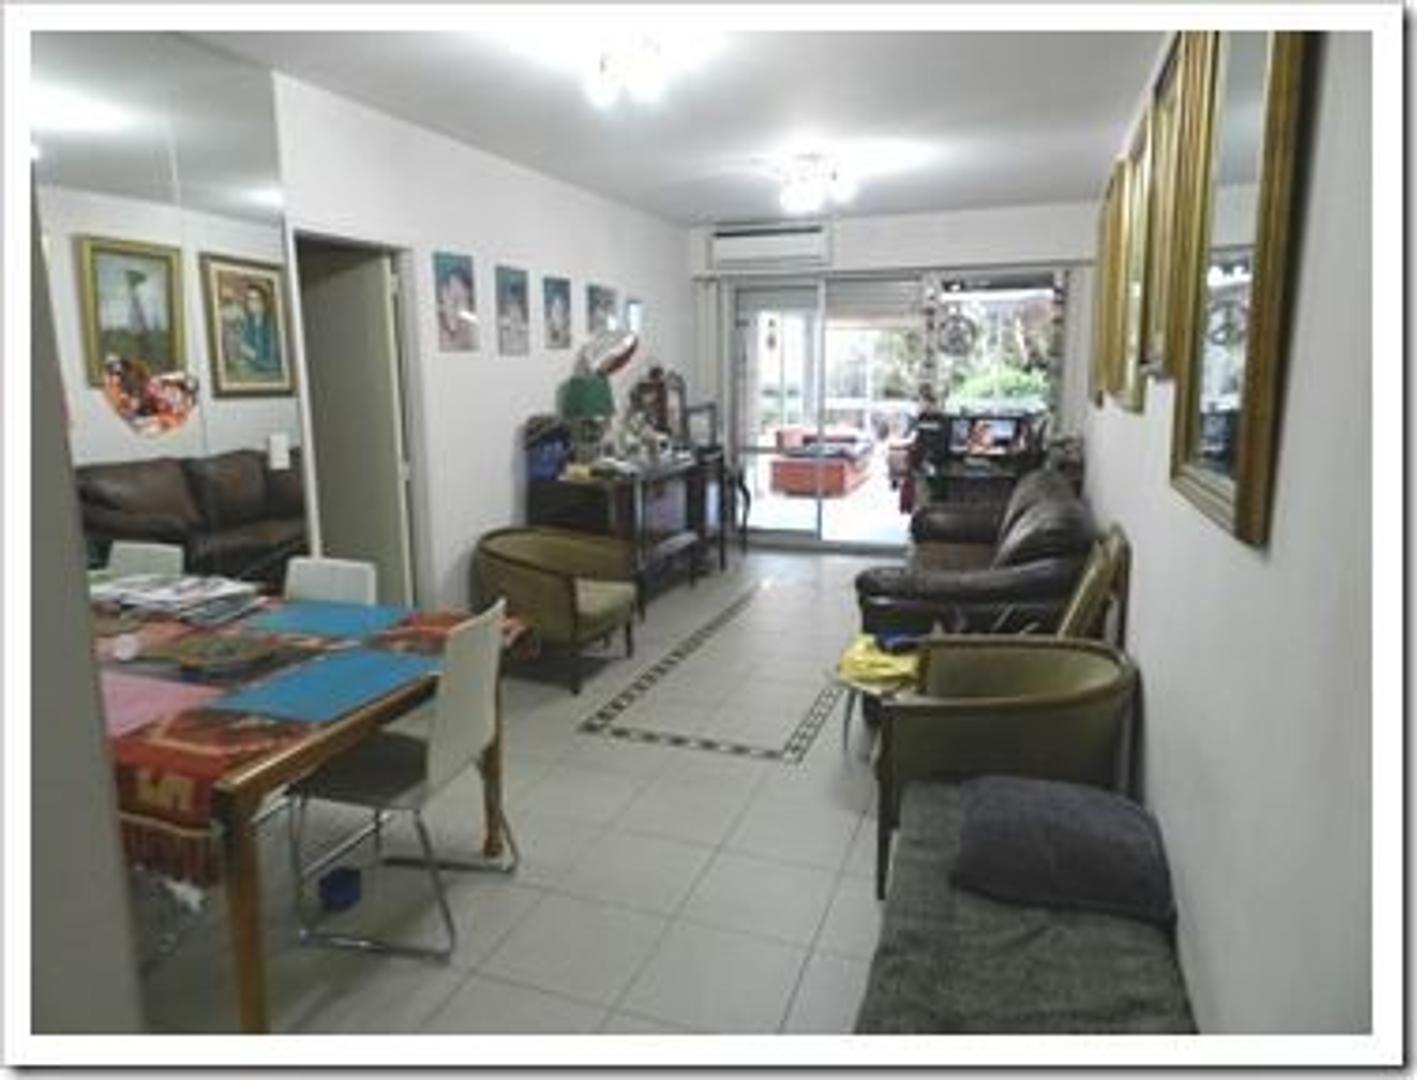 Departamento de 3 dormitorios de 80 M2, 40m2 semicubie y 160 M2 de patio a metros de Plaza Guadalupe